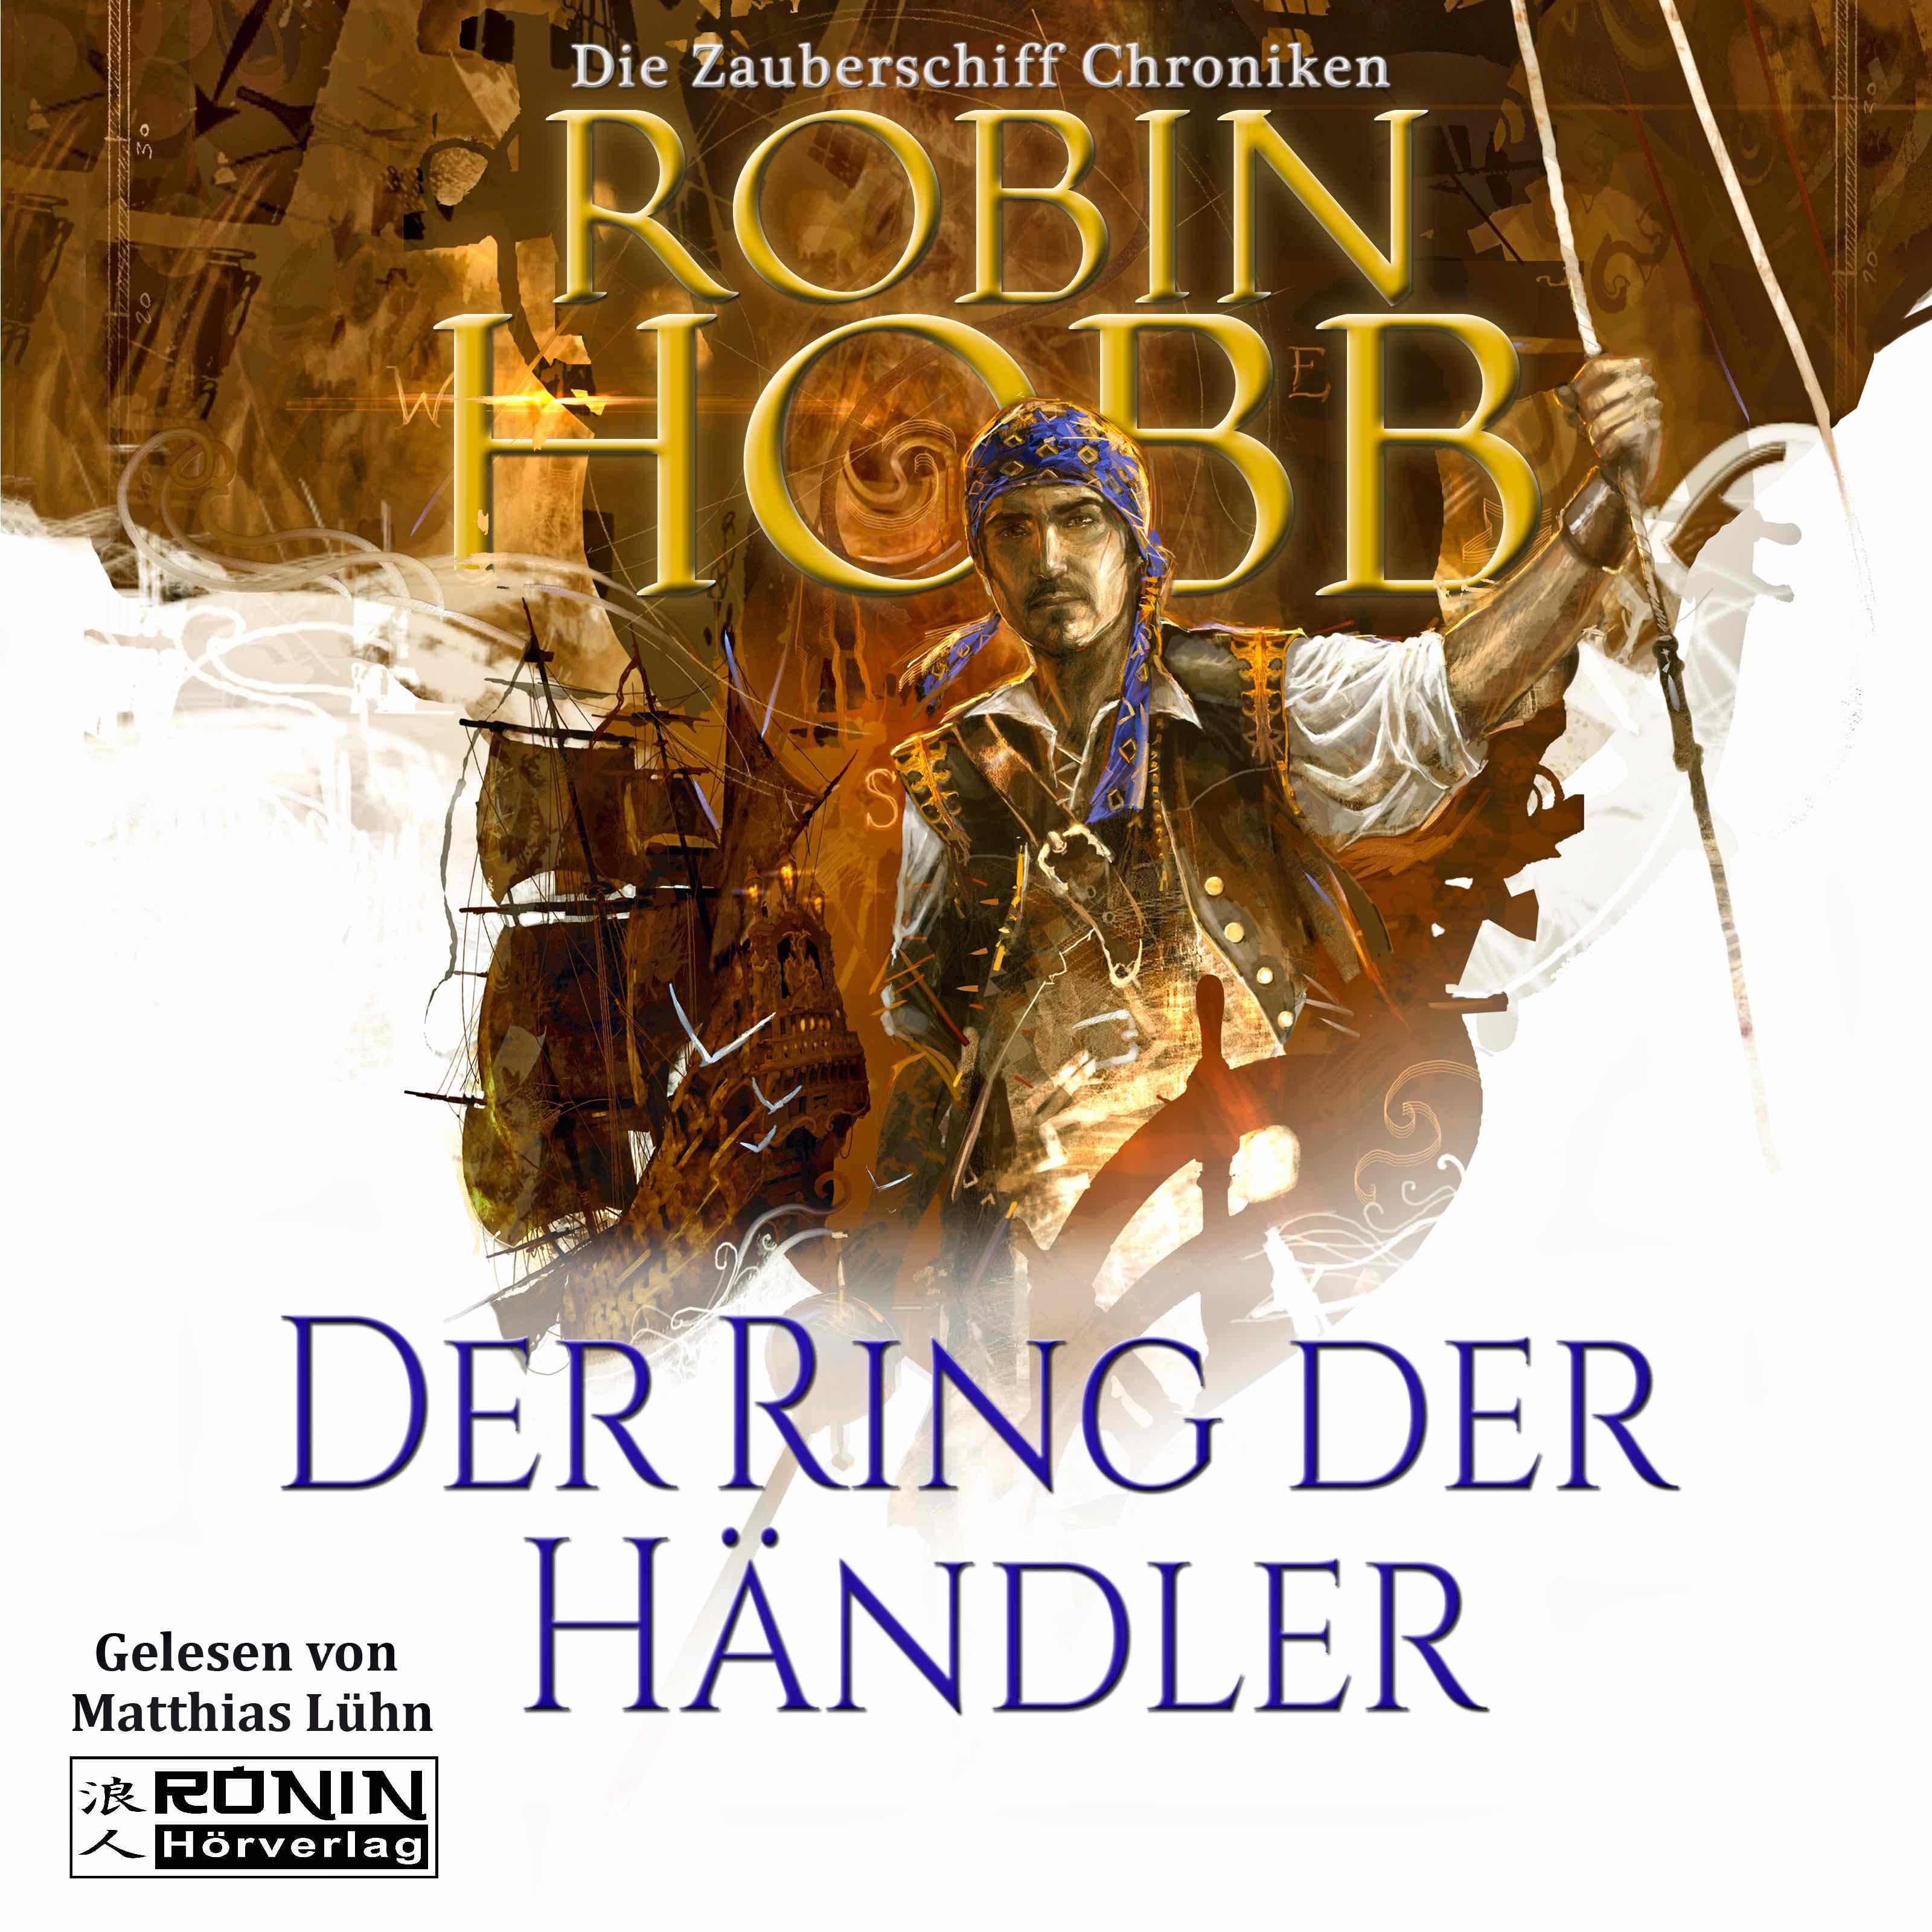 Der Ring der Händler Book Cover